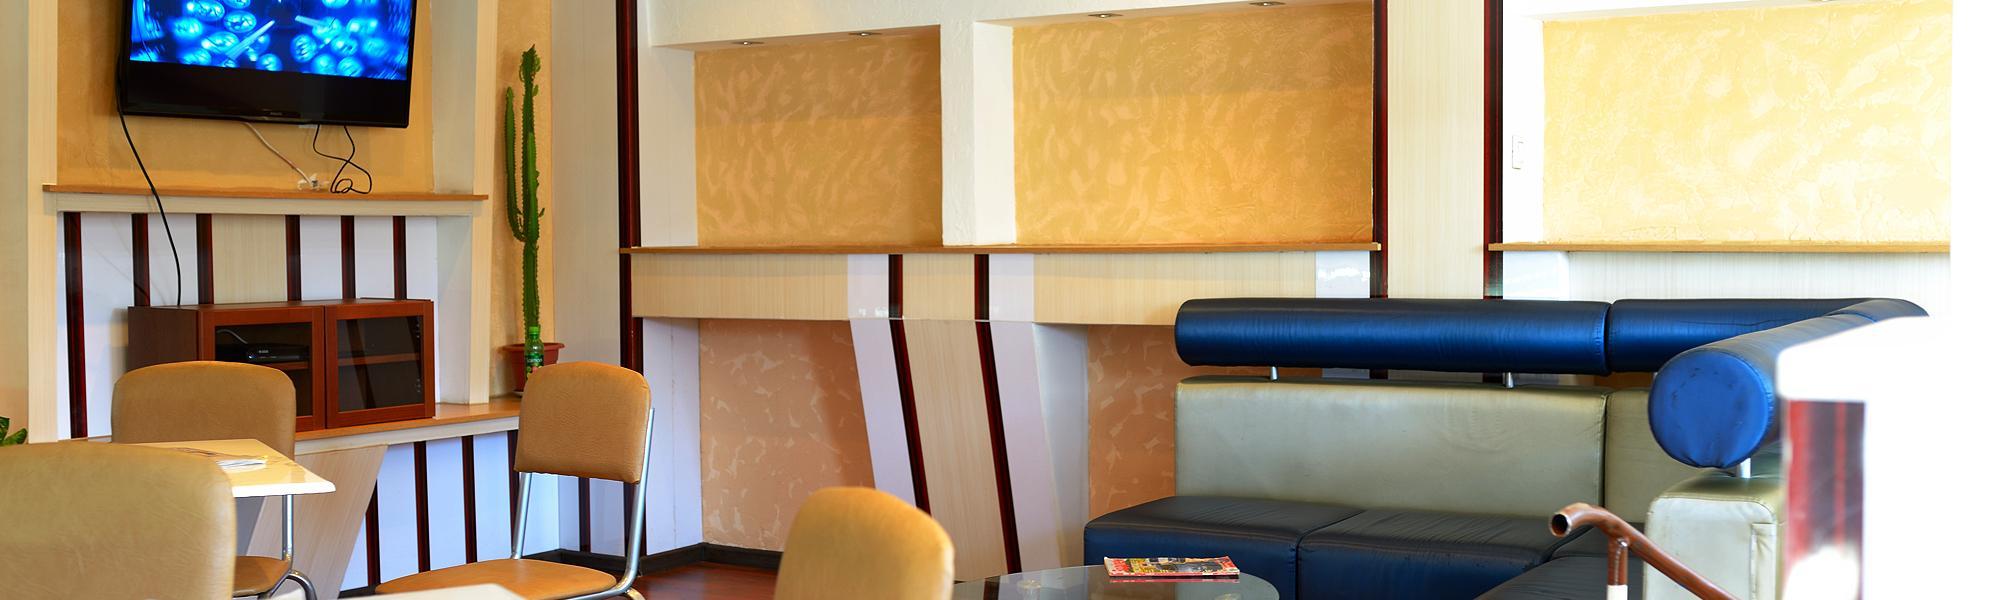 Комфортный зал для клиентов